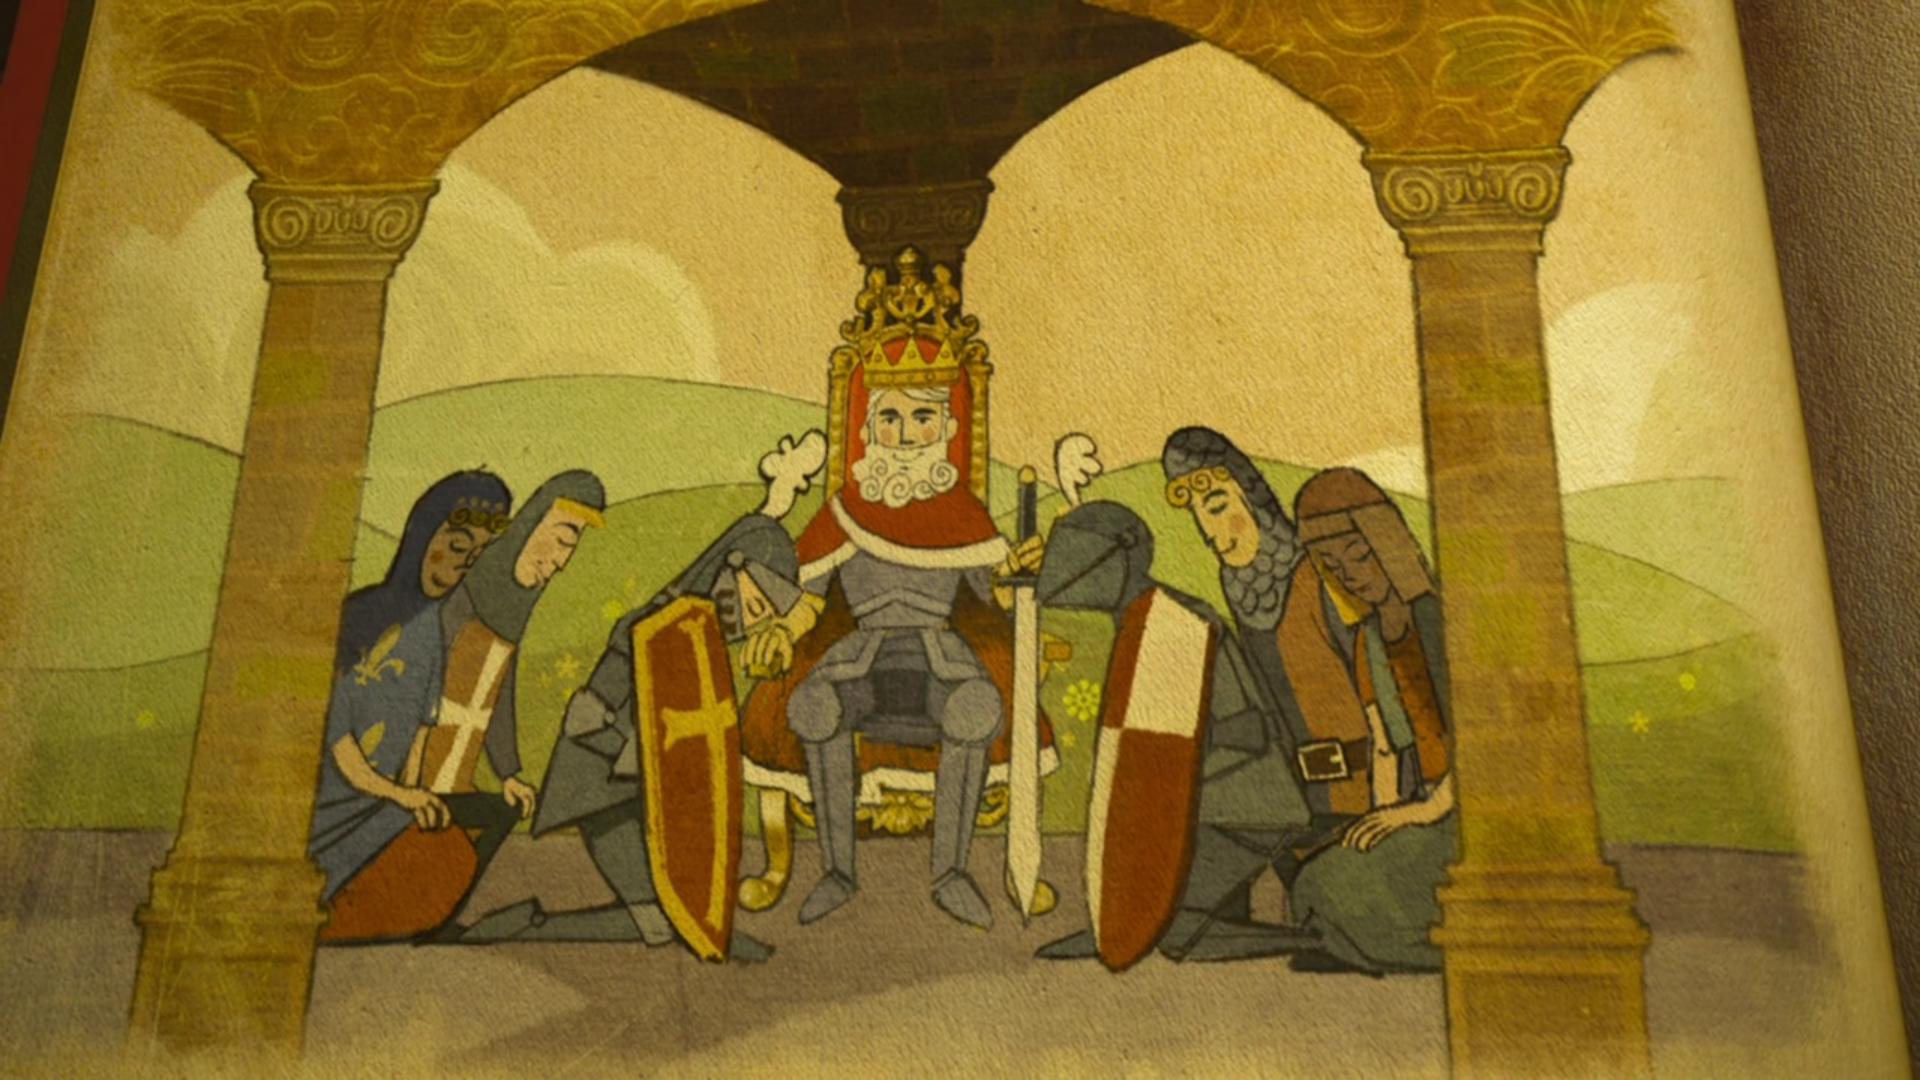 Rey Godred